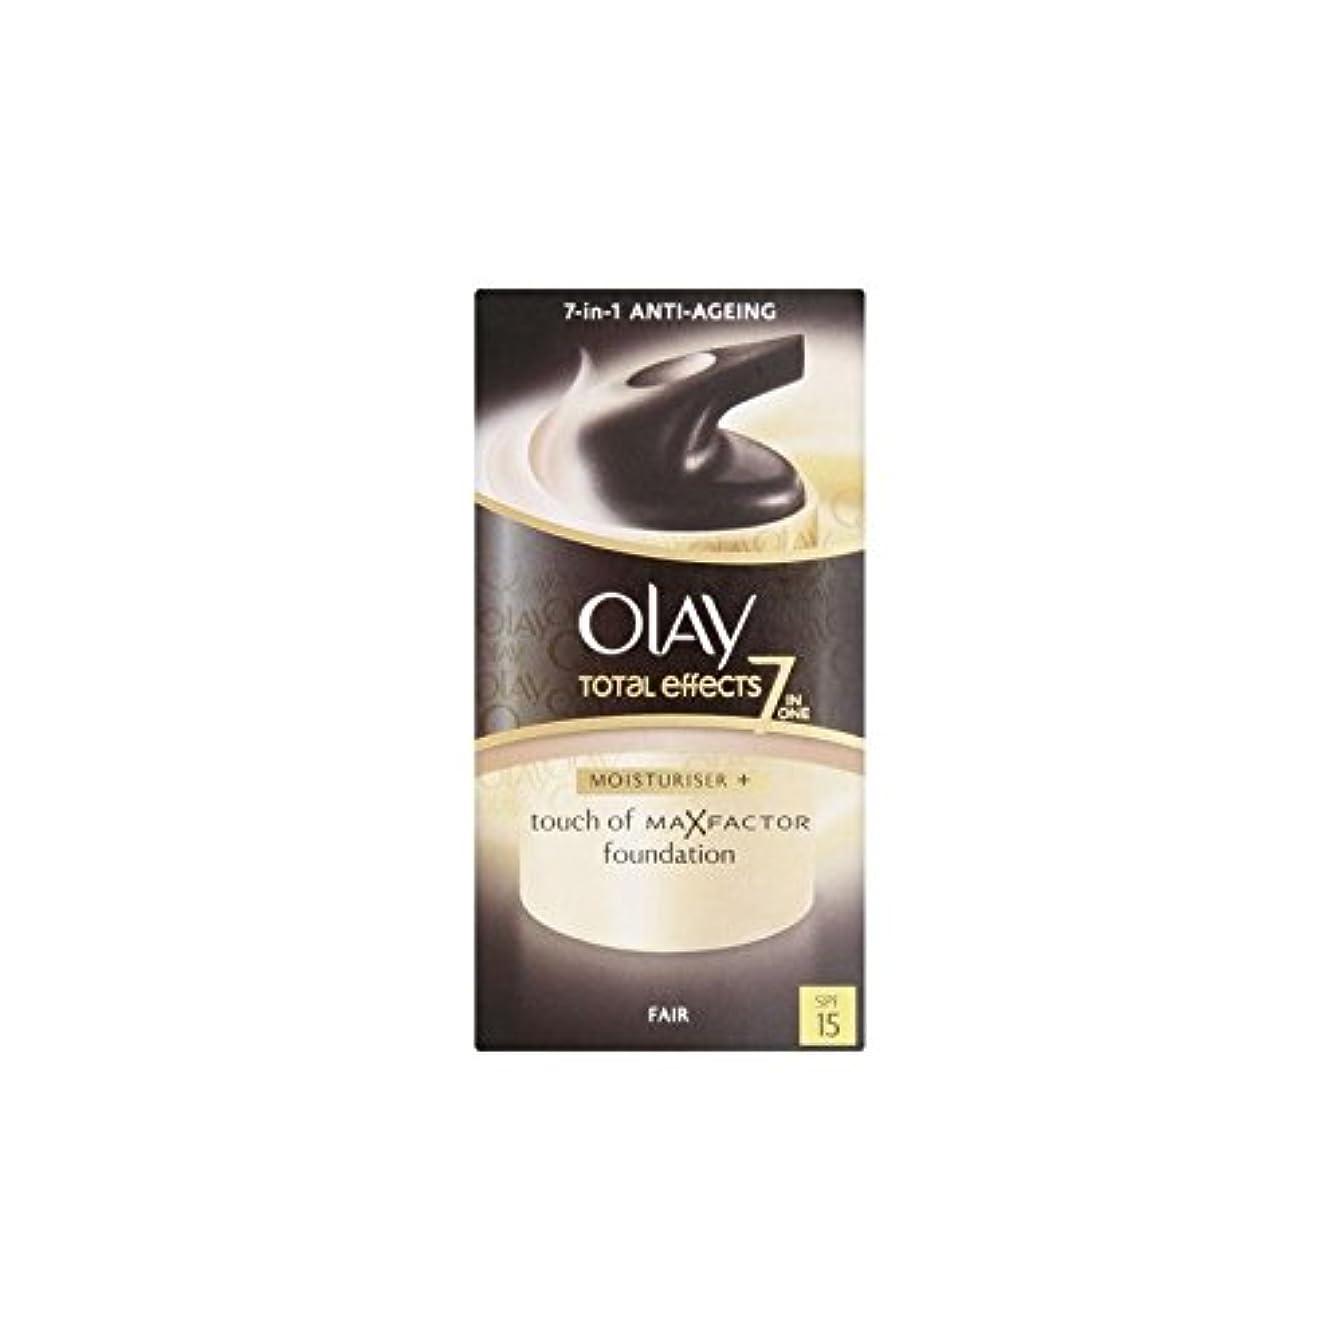 を必要としていますしかしながら権限を与えるオーレイトータルエフェクト保湿クリーム15 - フェア(50ミリリットル) x4 - Olay Total Effects Moisturiser Bb Cream Spf15 - Fair (50ml) (Pack of...